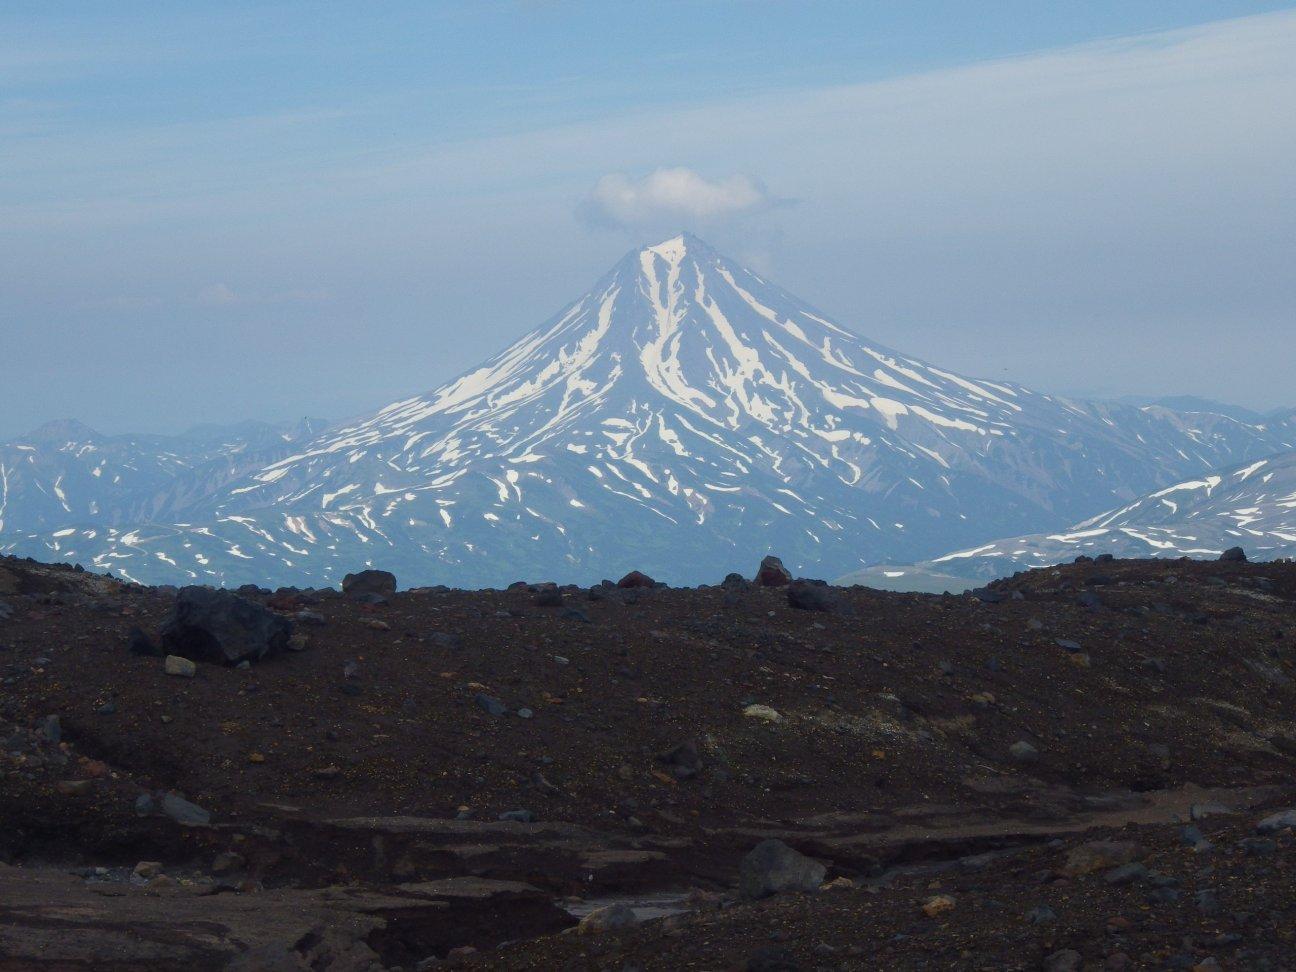 Высокая снежная гора на фоне степи